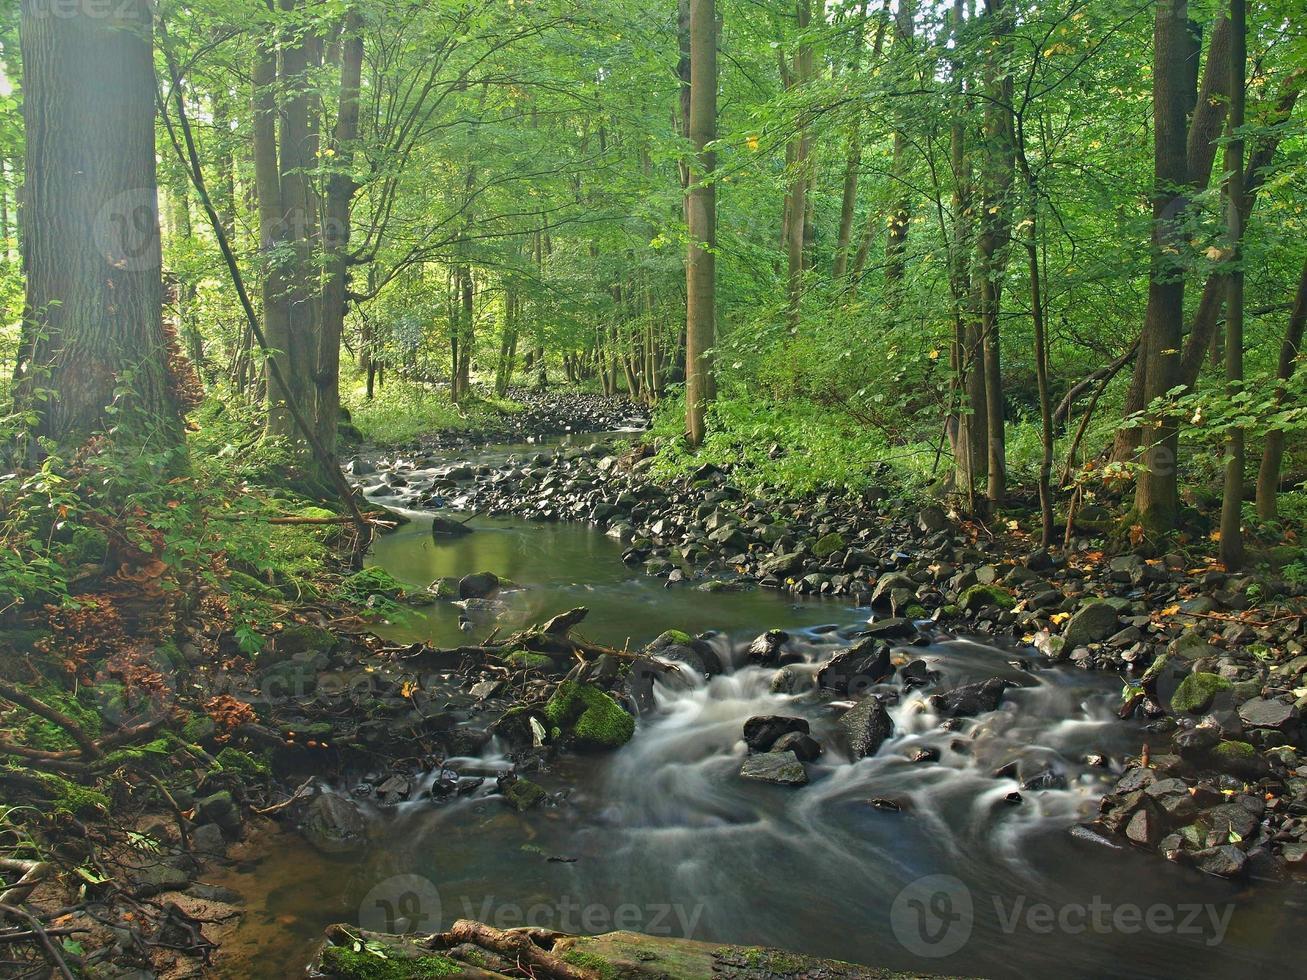 margem do rio sob as árvores no rio da montanha, rochas cobertas de musgo foto